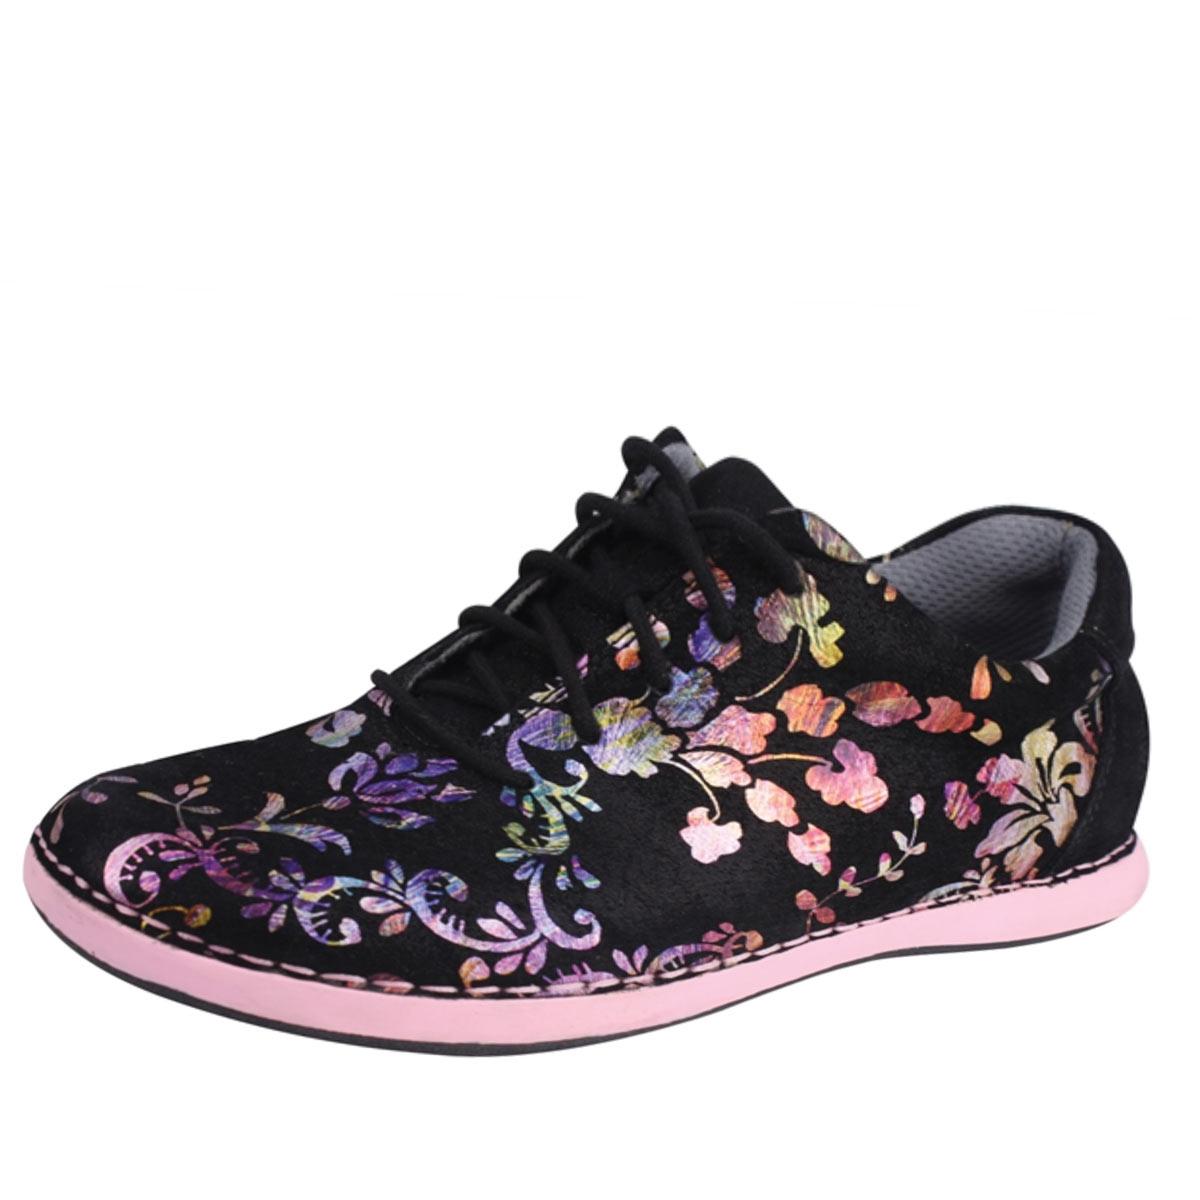 Alegria Essence Regal Beauty Original Alegria Shoe Shop